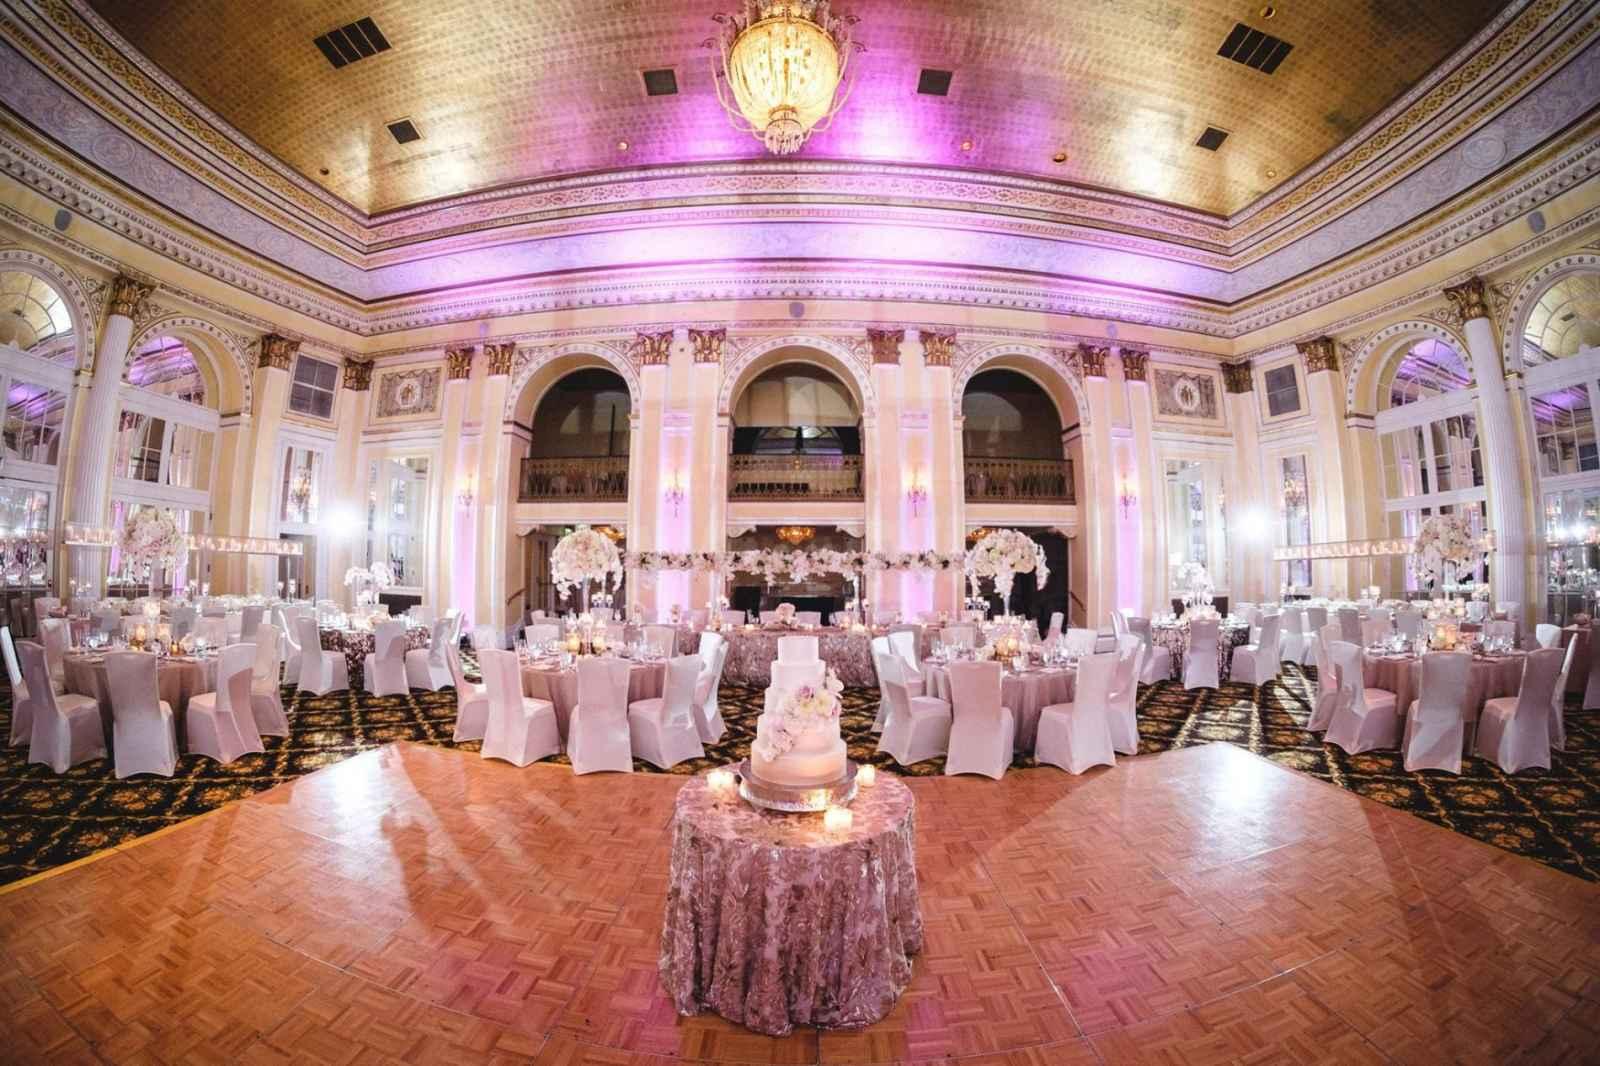 Amway Grand Plaza Hotel Www Amwaygrand 187 Monroe Avenue Nw Rapids Michigan 49503